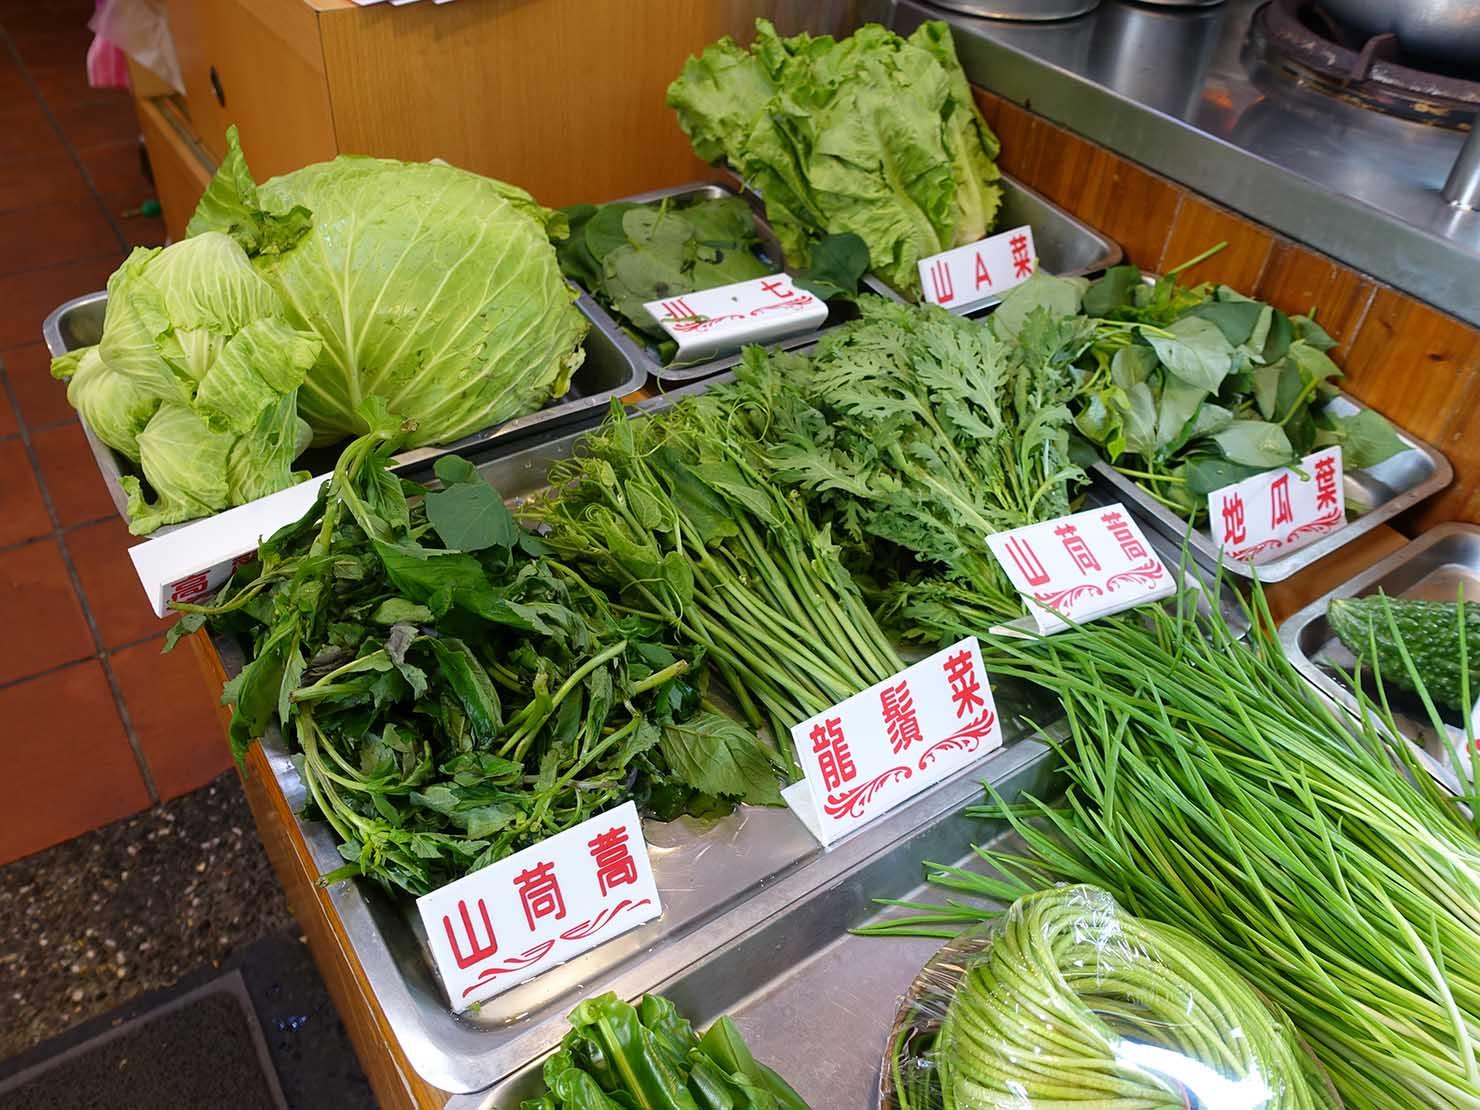 台北・烏來老街グルメ店の軒先に並ぶ山菜